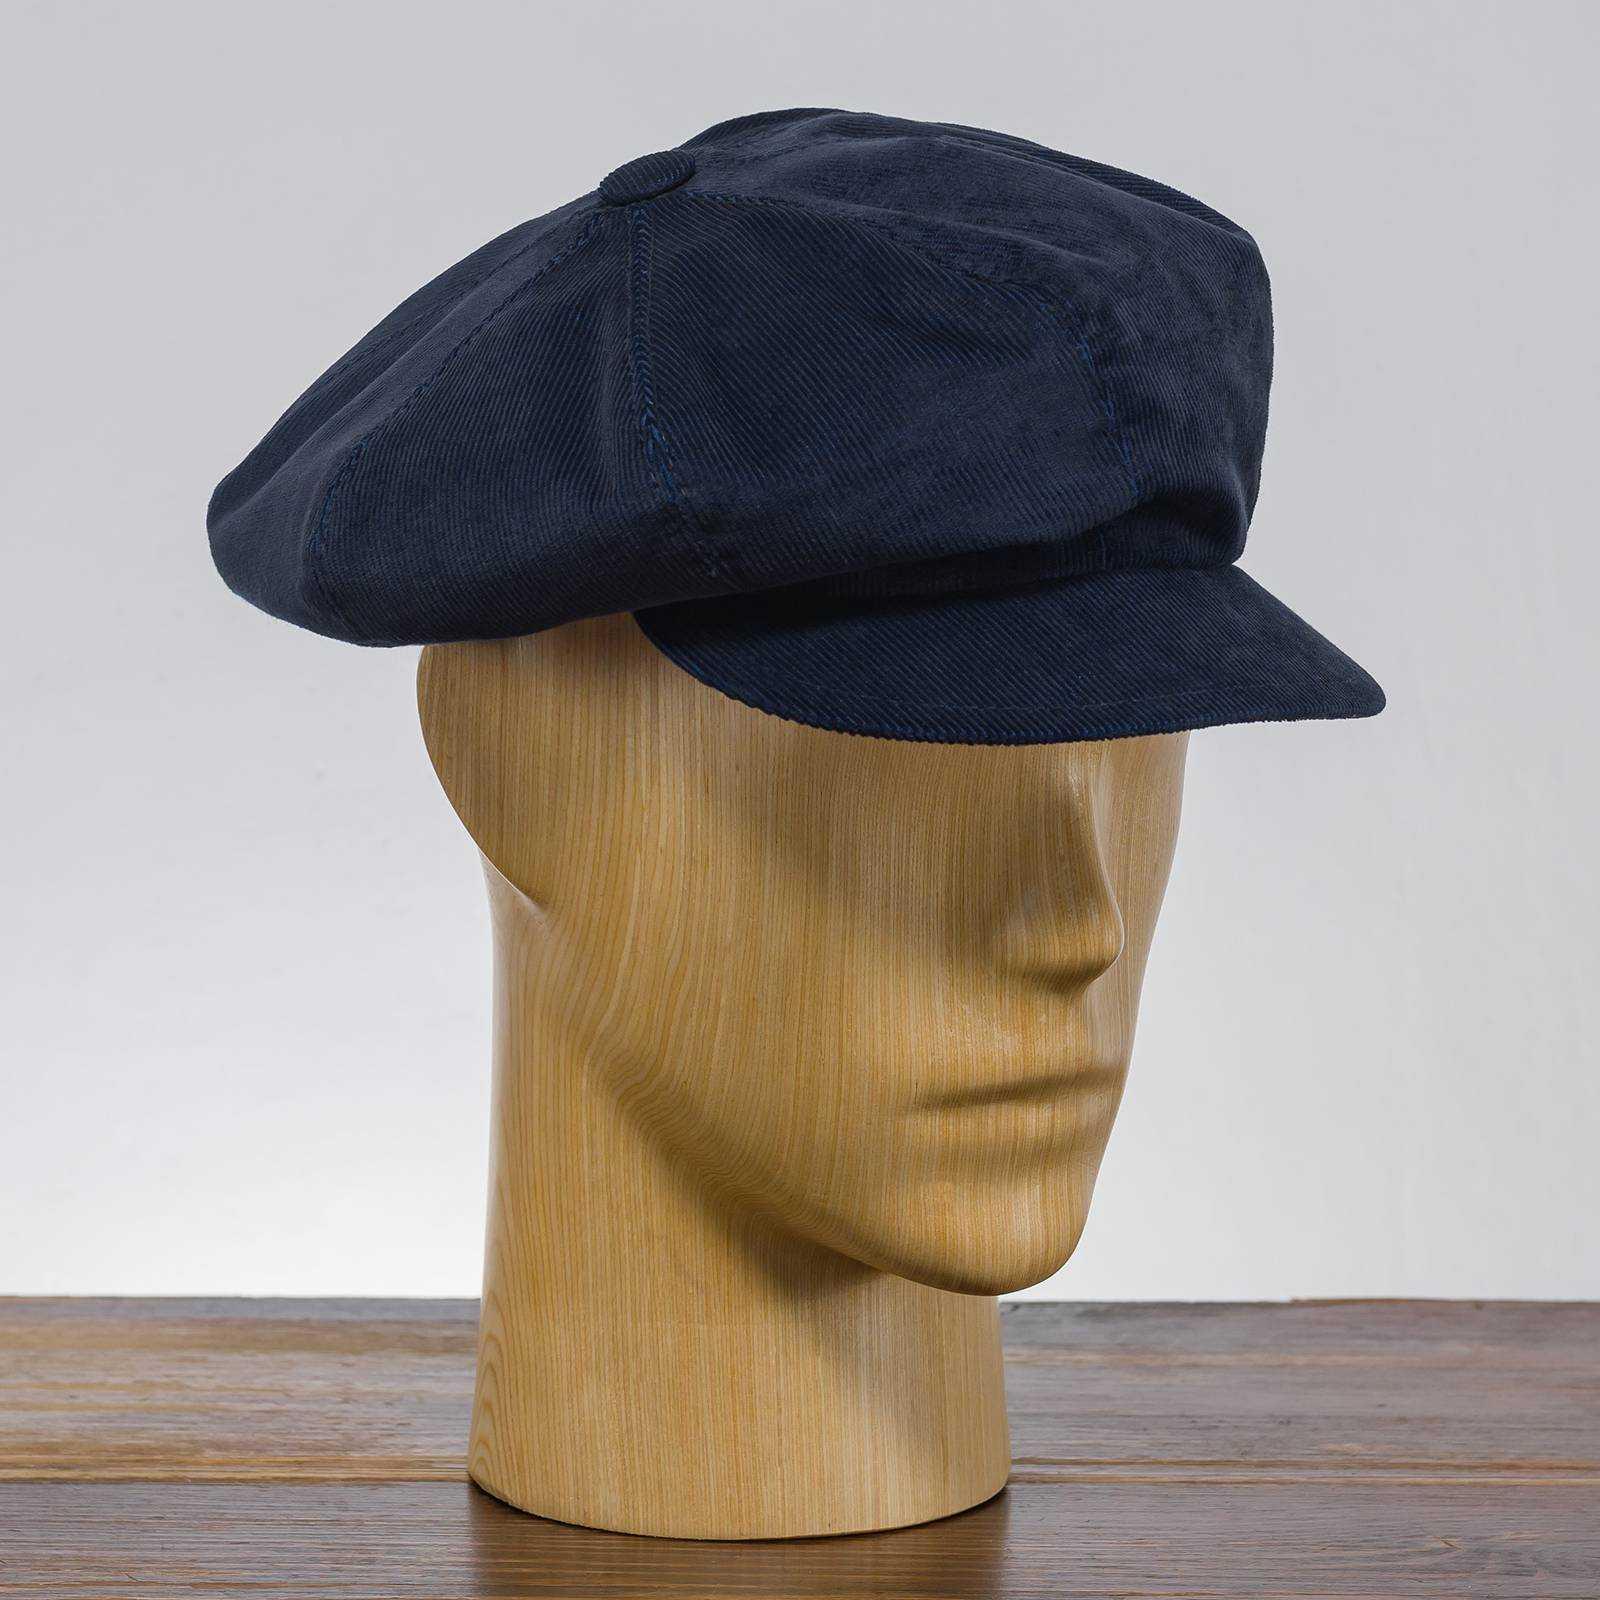 Bawełniana sztruksowa czapka kolarka zwana cyklistówką z daszkiem